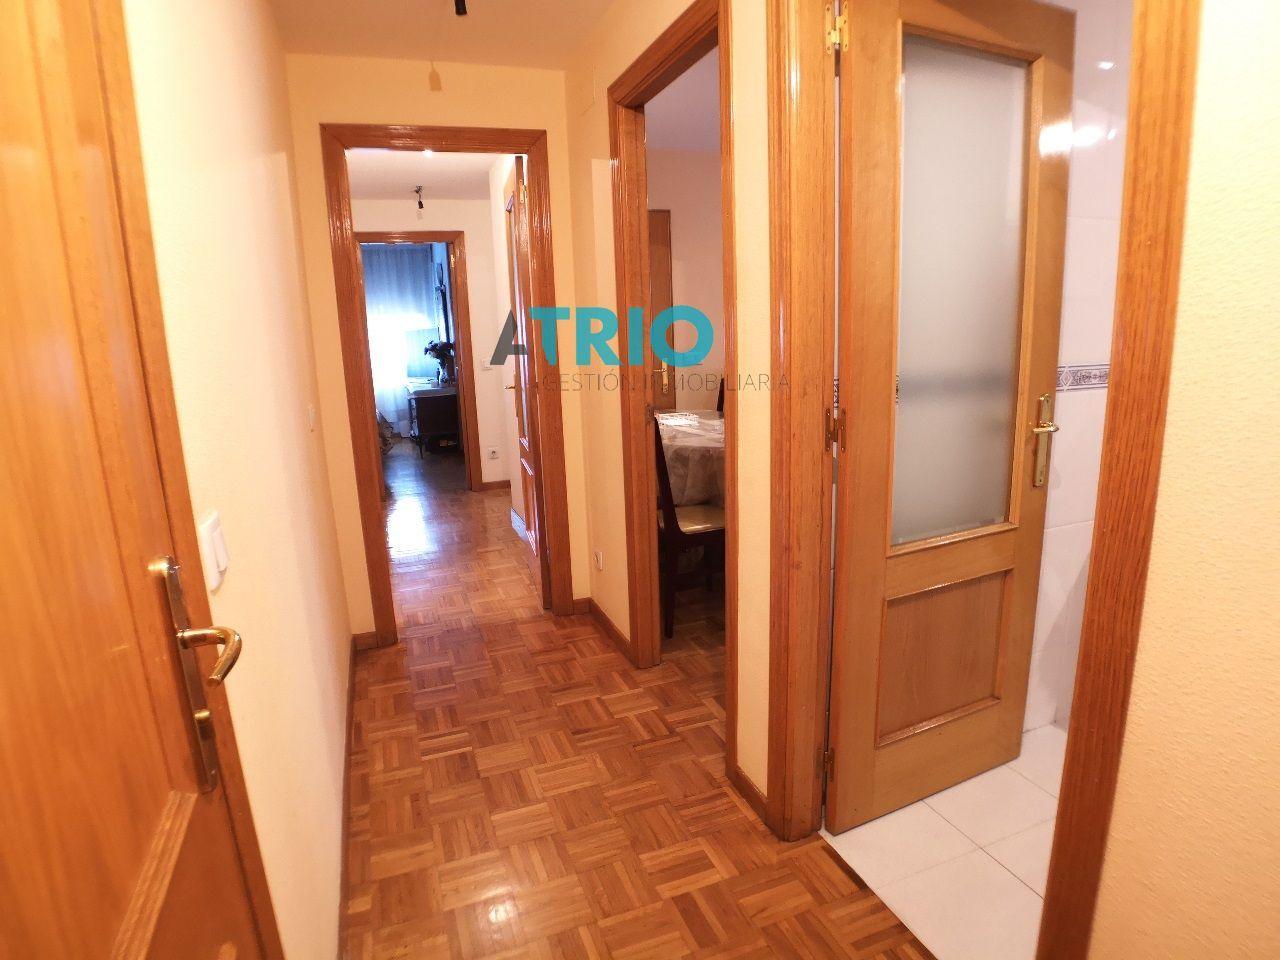 dia.mobiliagestion.es/Portals/inmoatrio/Images/6384/3854528